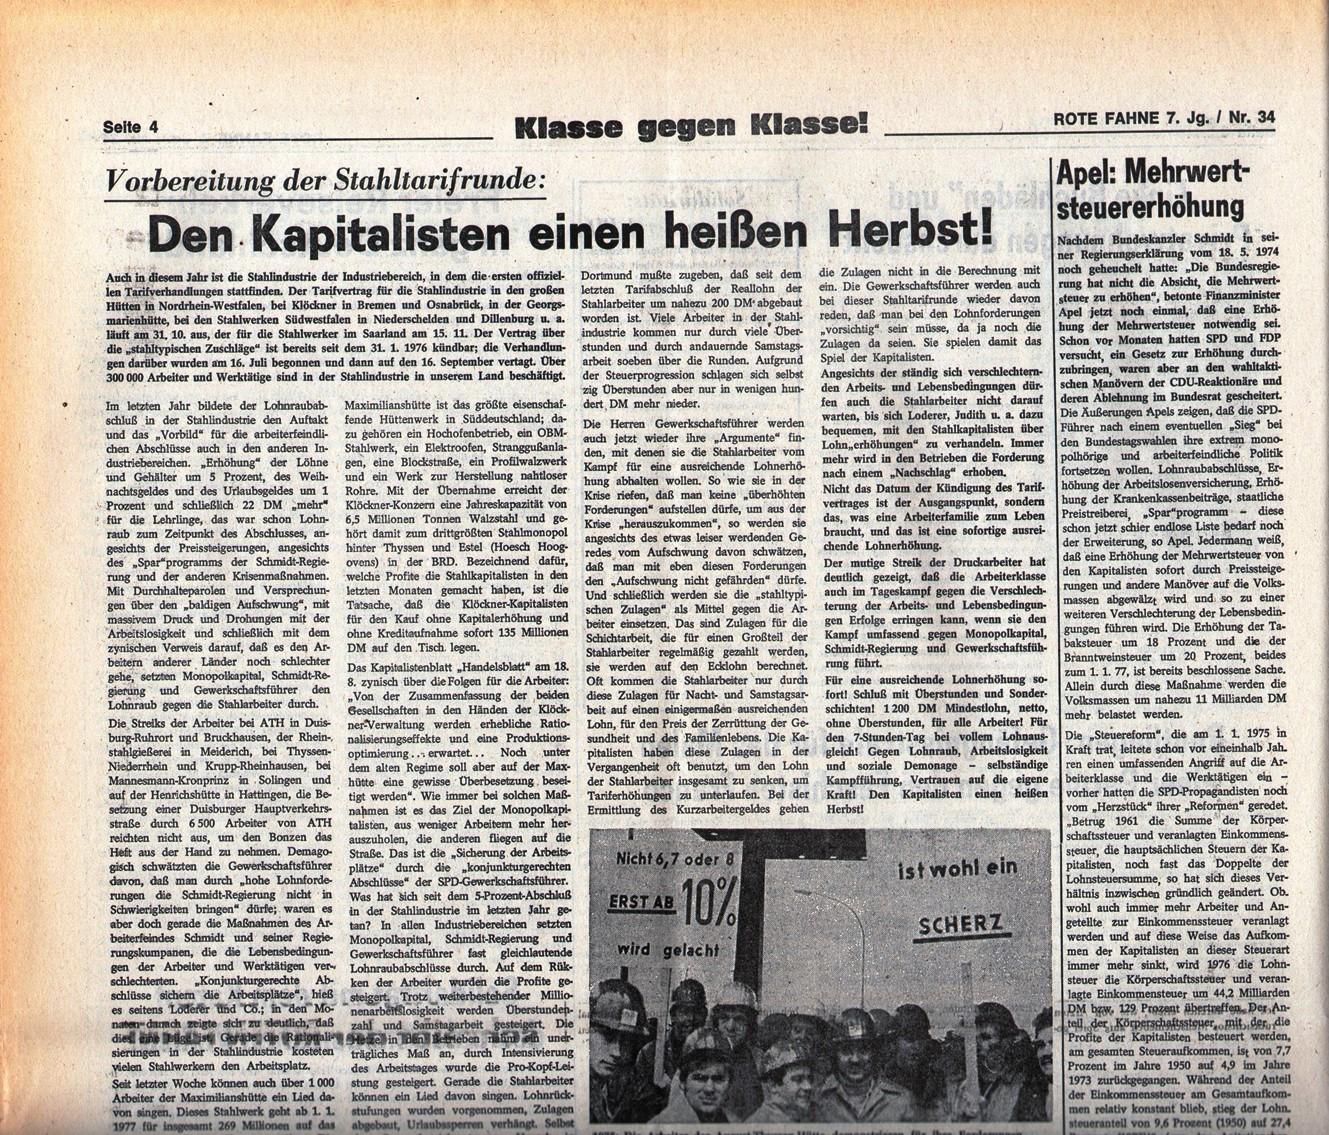 KPD_Rote_Fahne_1976_34_07